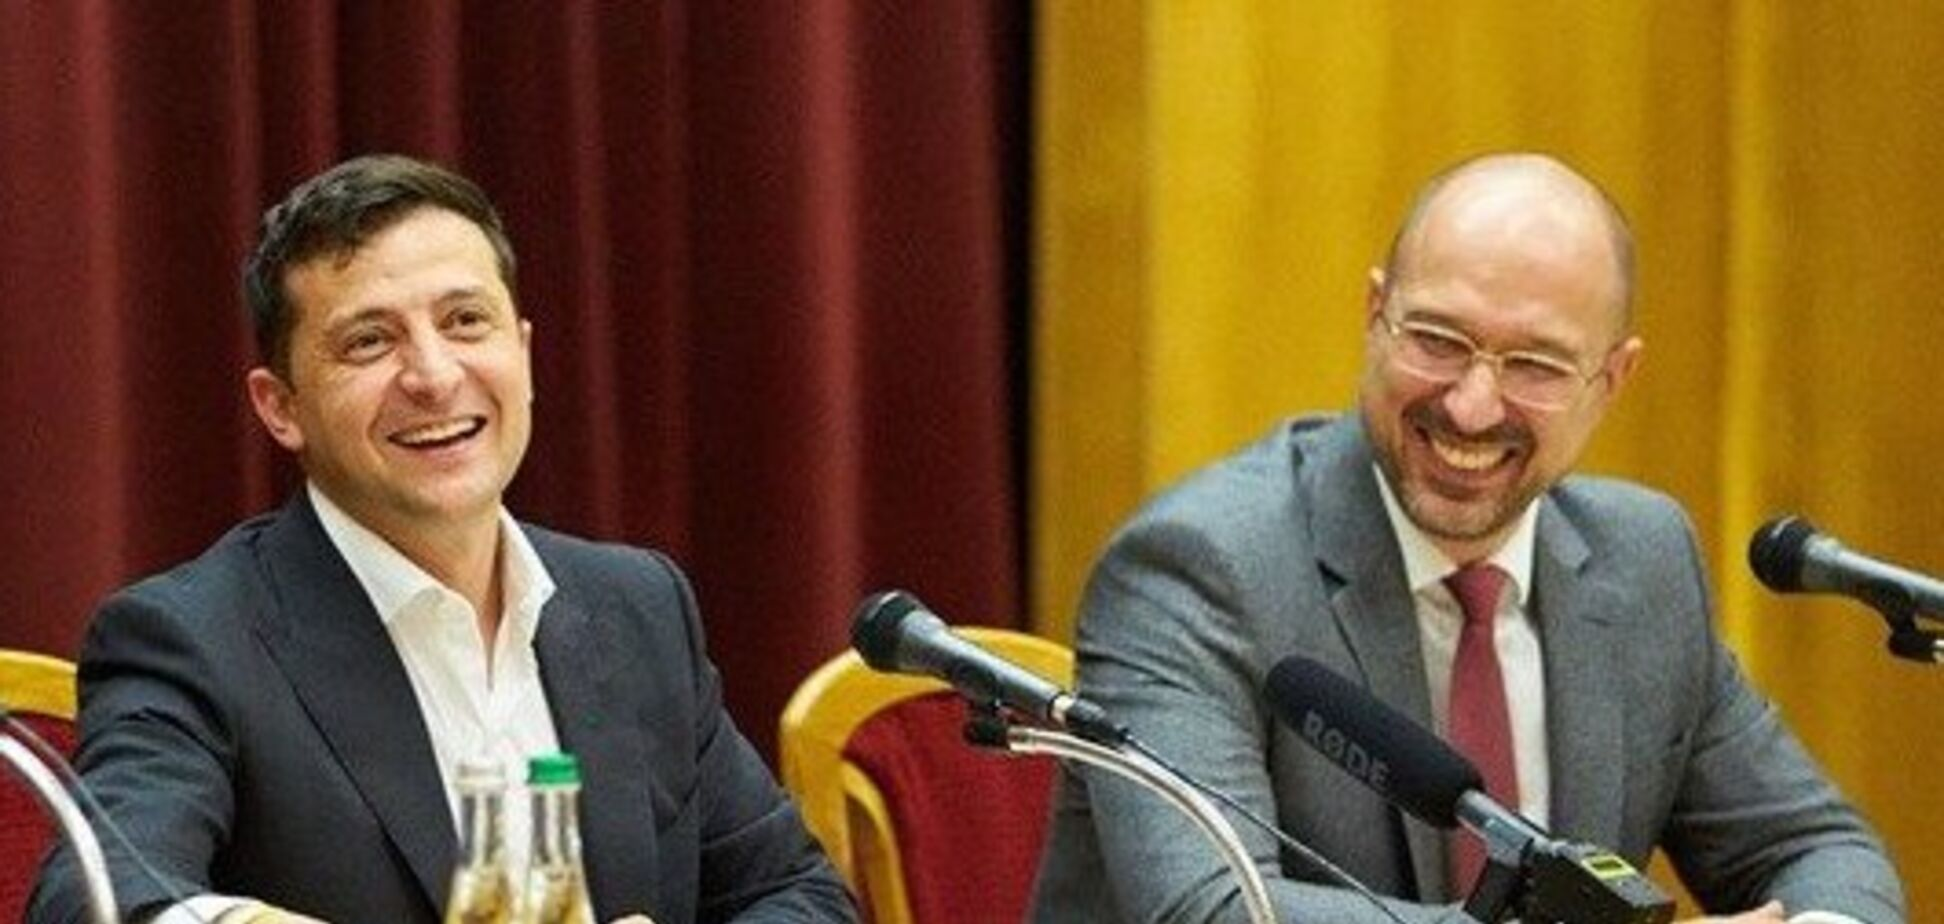 Денис Шмыгаль может стать новым премьер-министром: что о нем известно